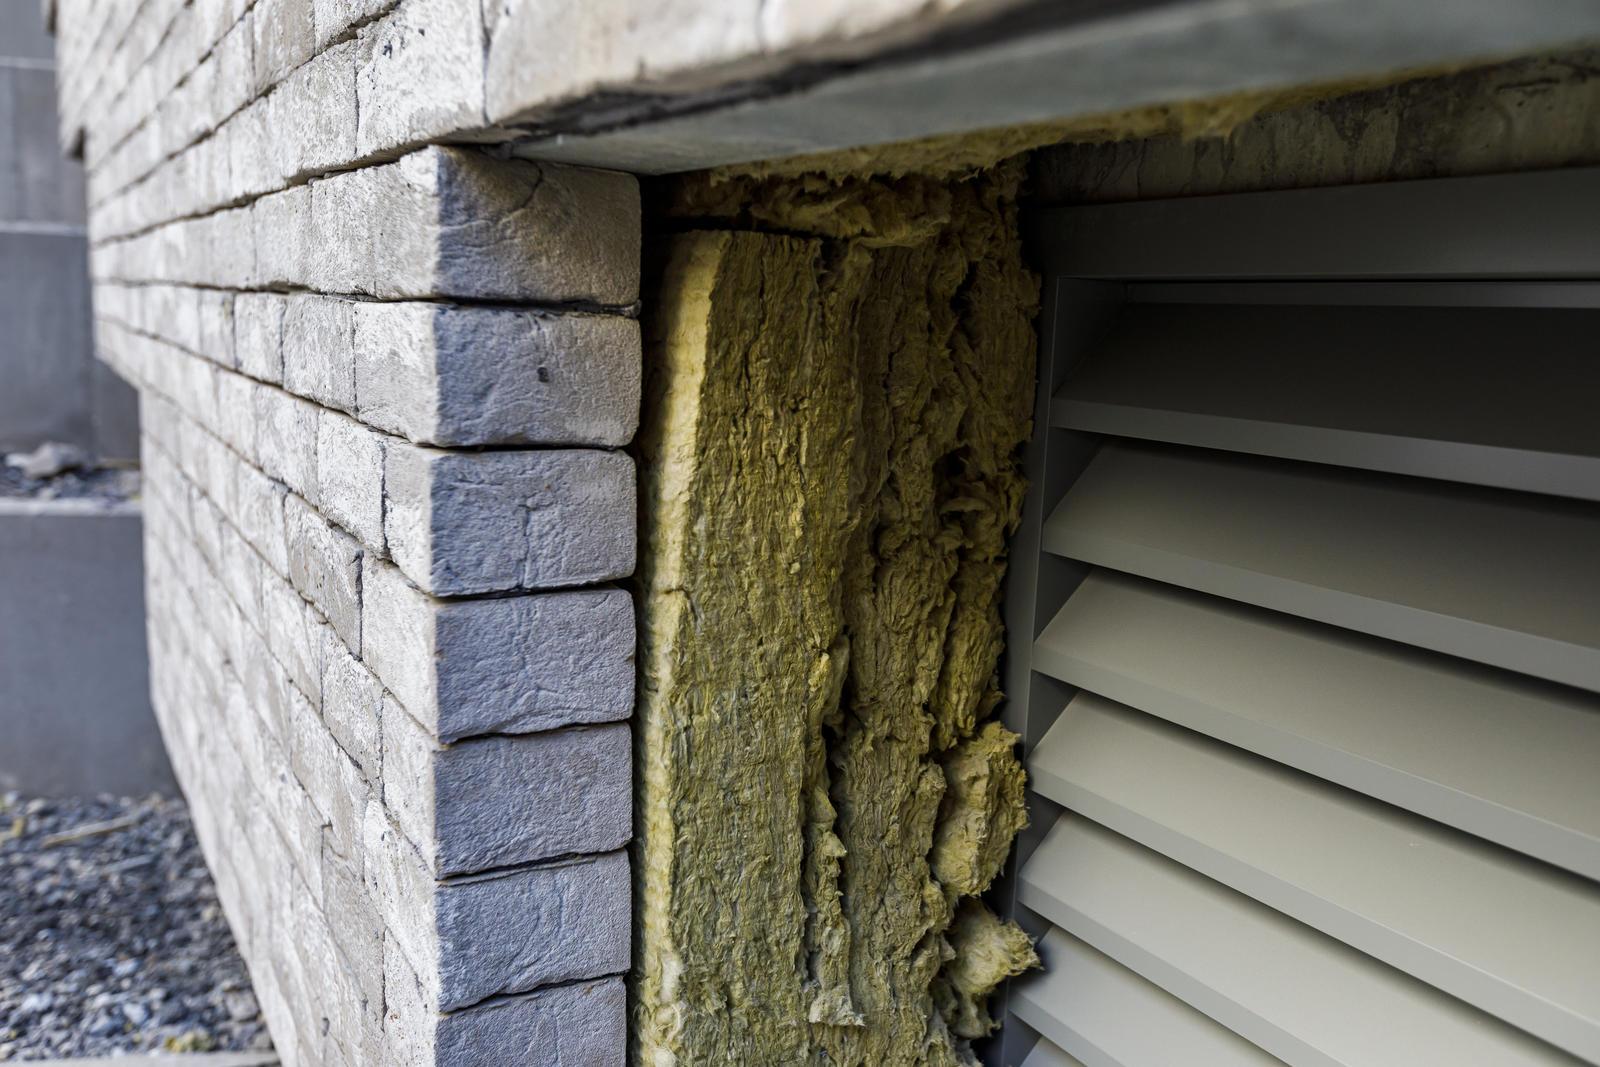 Mur de brique avec couche d'isolant.